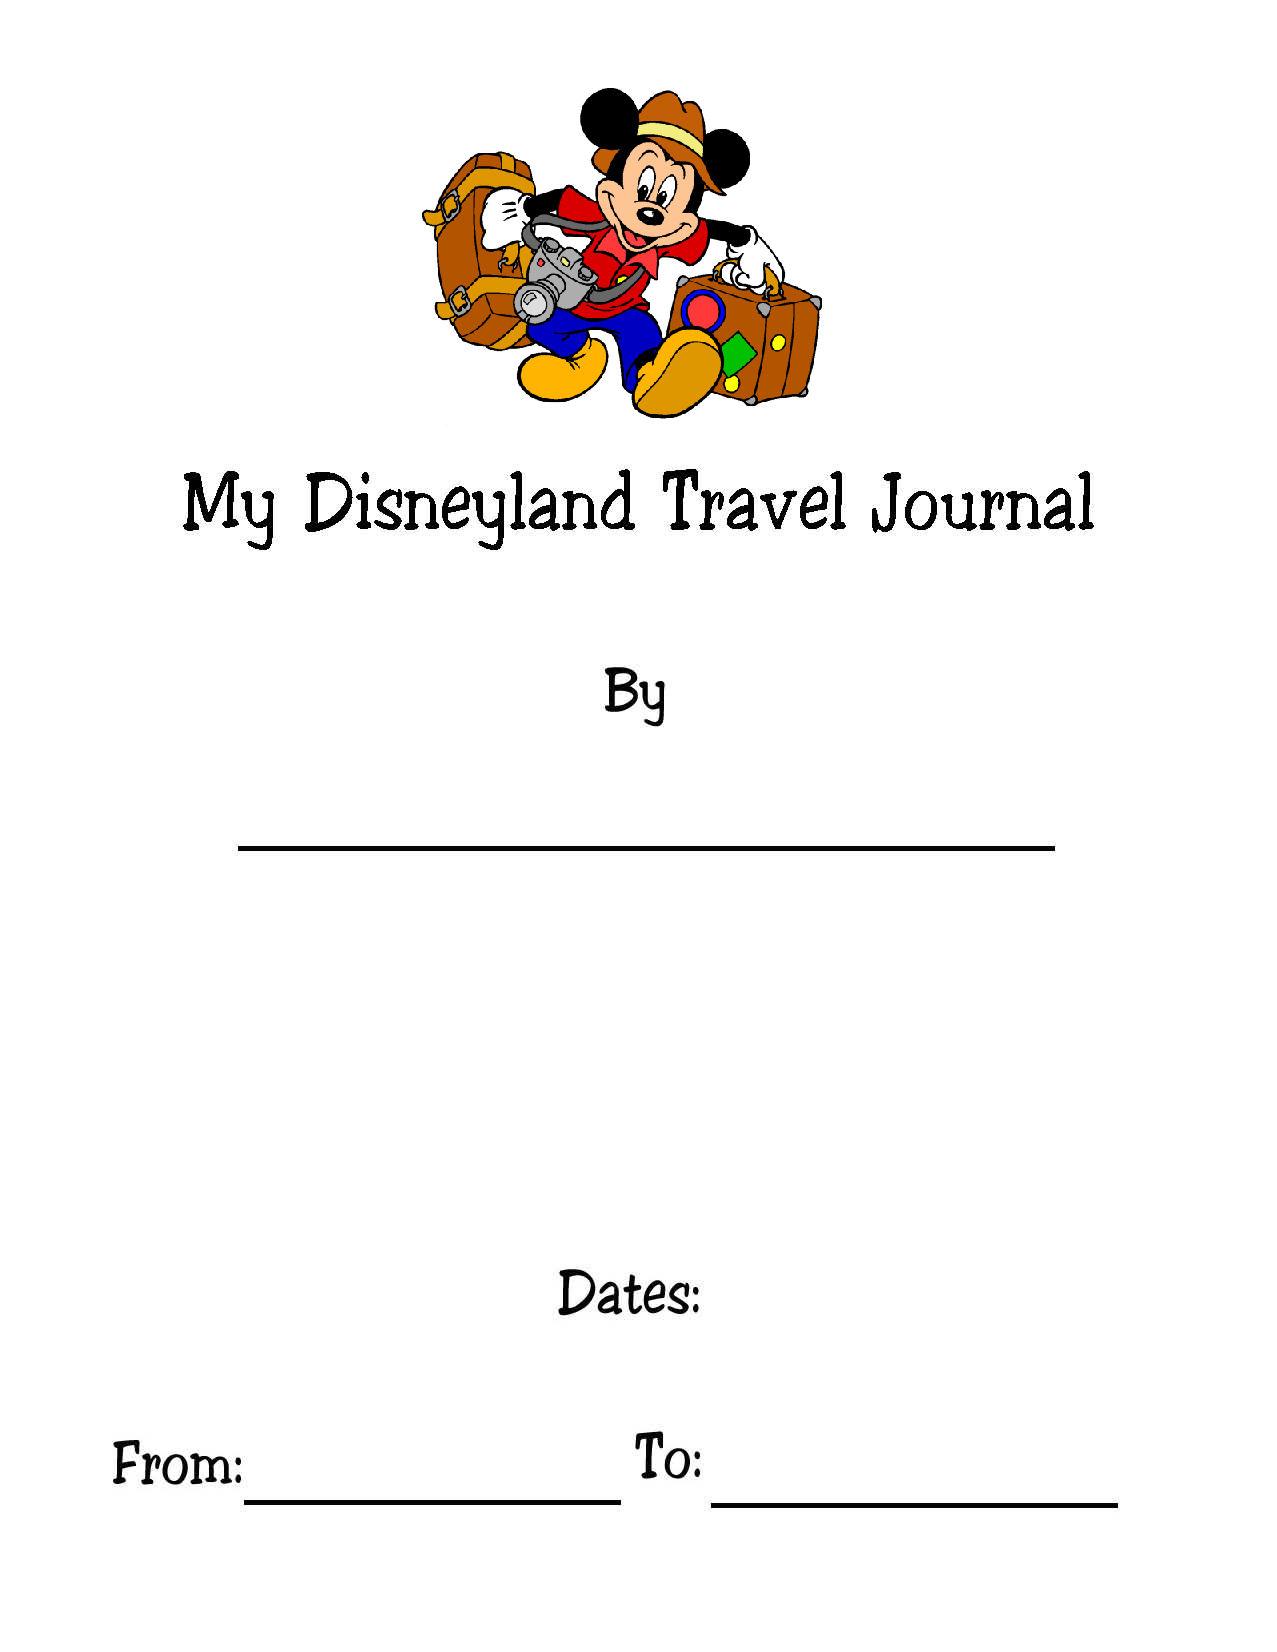 Disney Travel Journal Kids Version Make It Fun To Save Their Memories